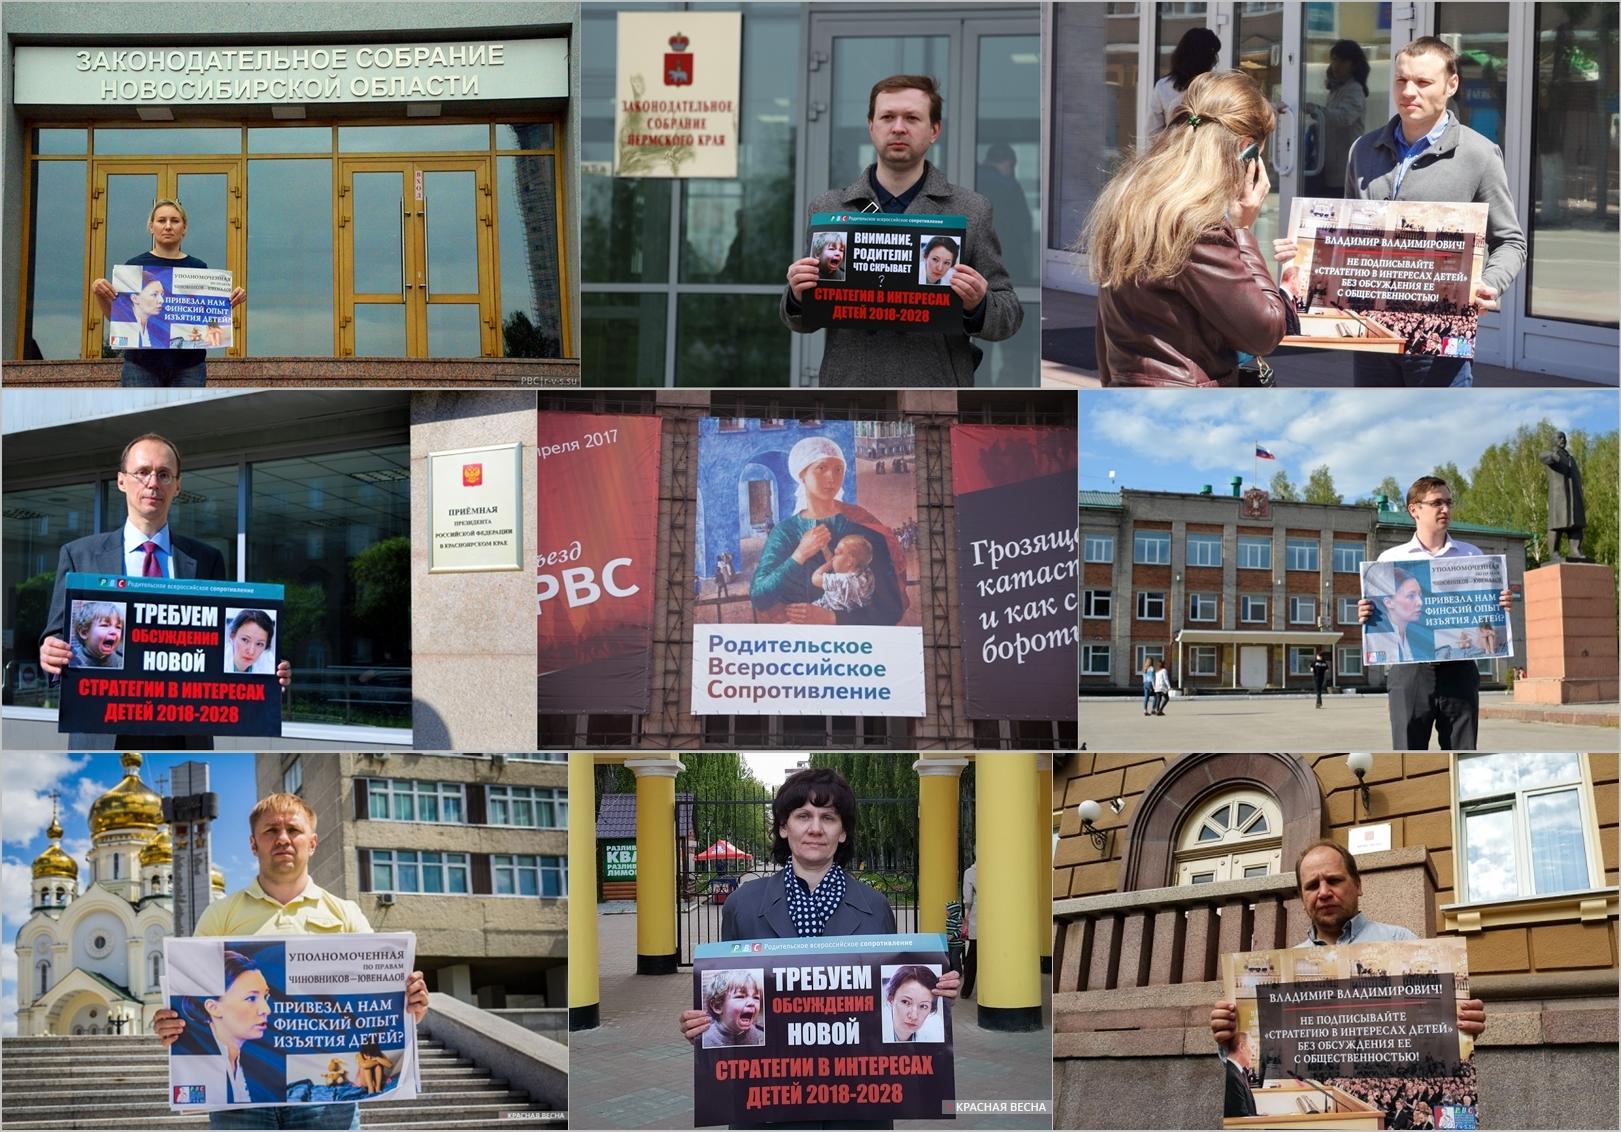 Пошла волна протестных пикетов против необсужденной Стратегии детства. pic3